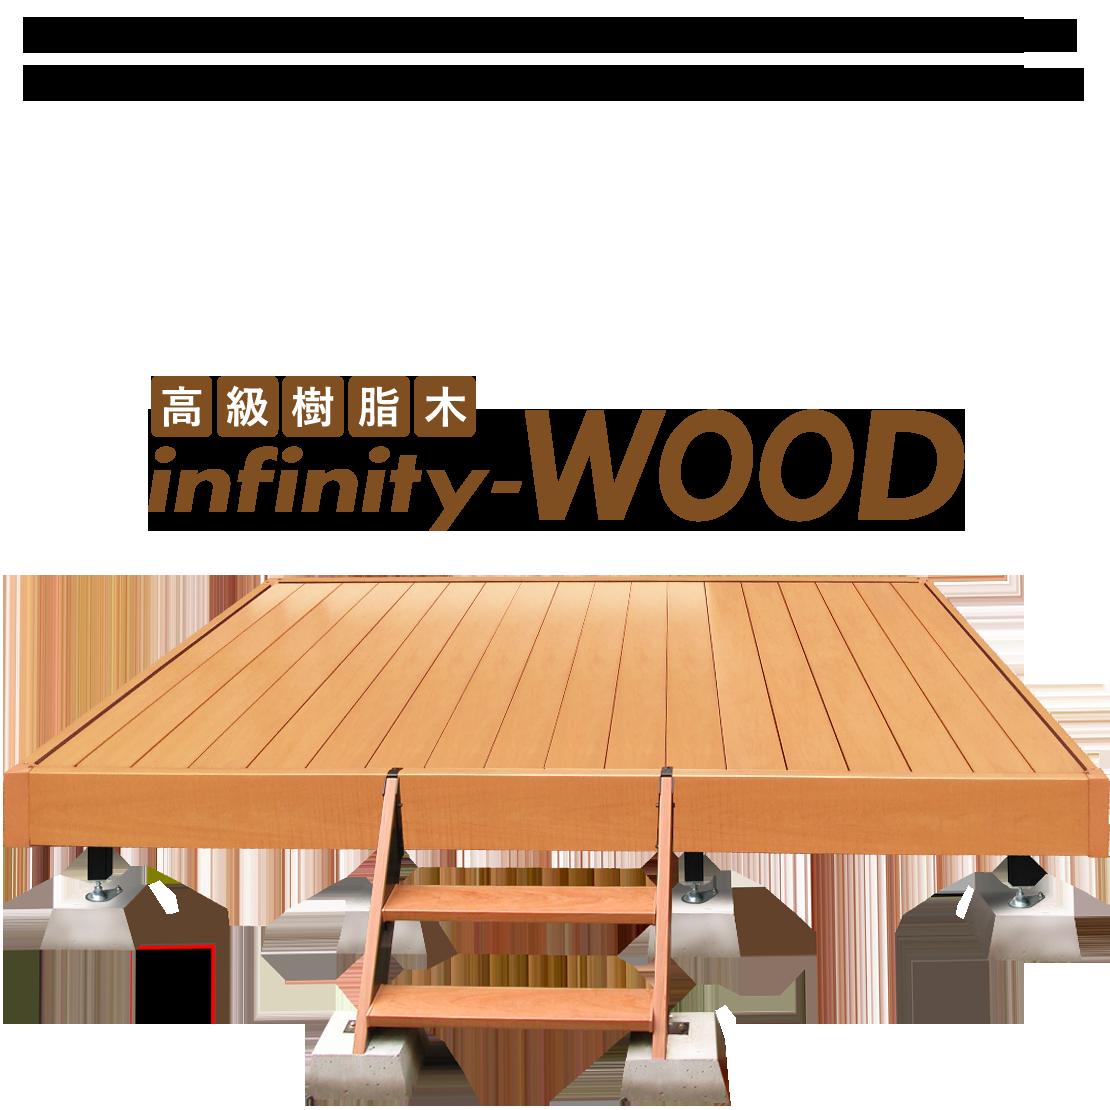 自然木の手ざわりさを感じられる樹脂素材でアルミ形材を包み込み、「高機能&高耐久性」を備えた環境配慮型のオープンデッキシステム。